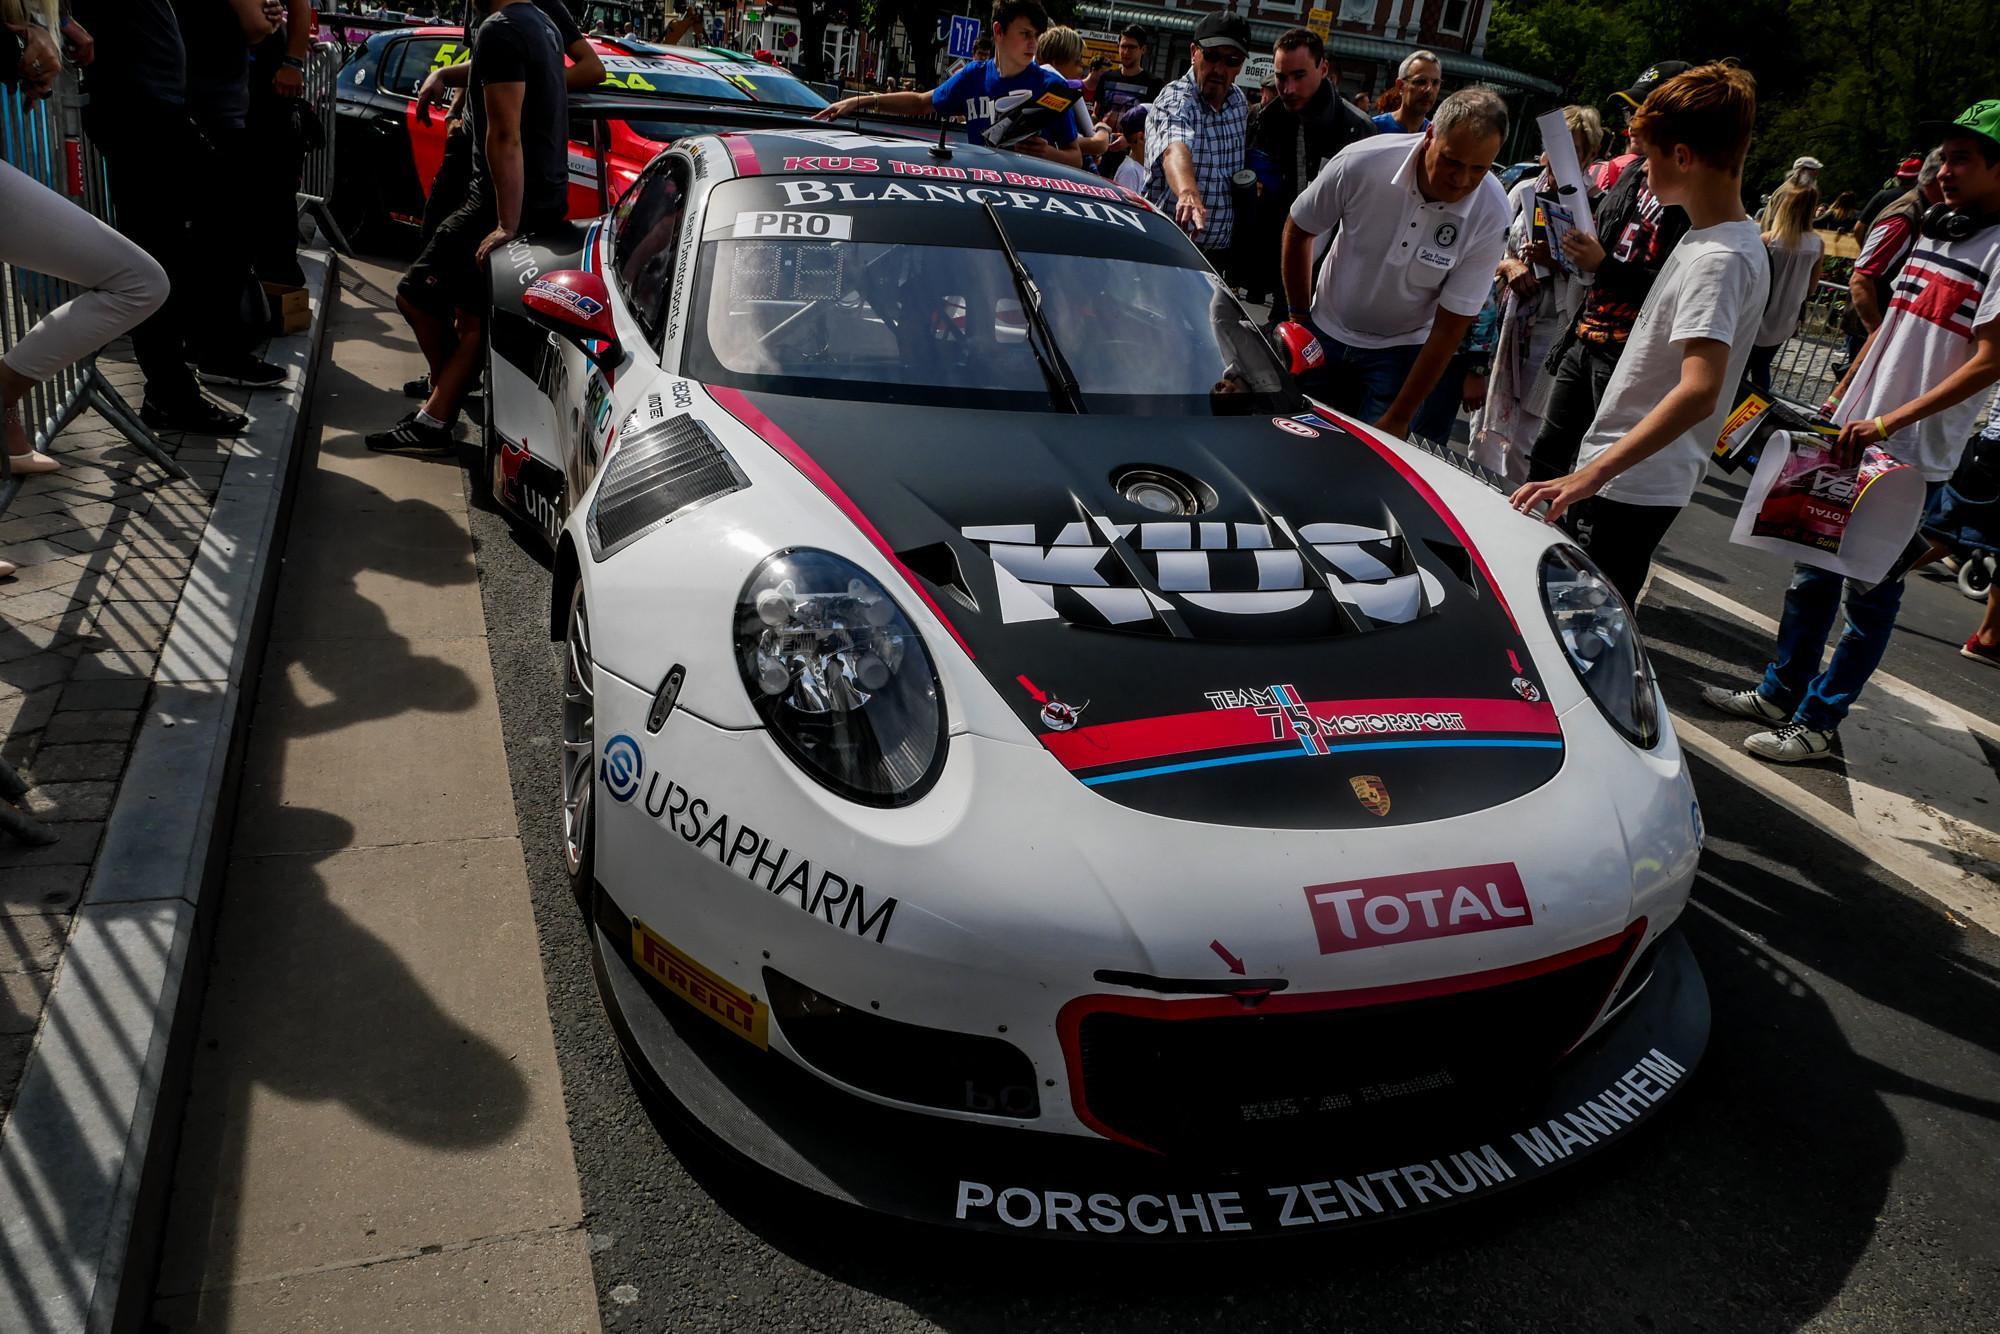 Team 75 Bernhard Kevin Estre Porsche 911 GT3-R